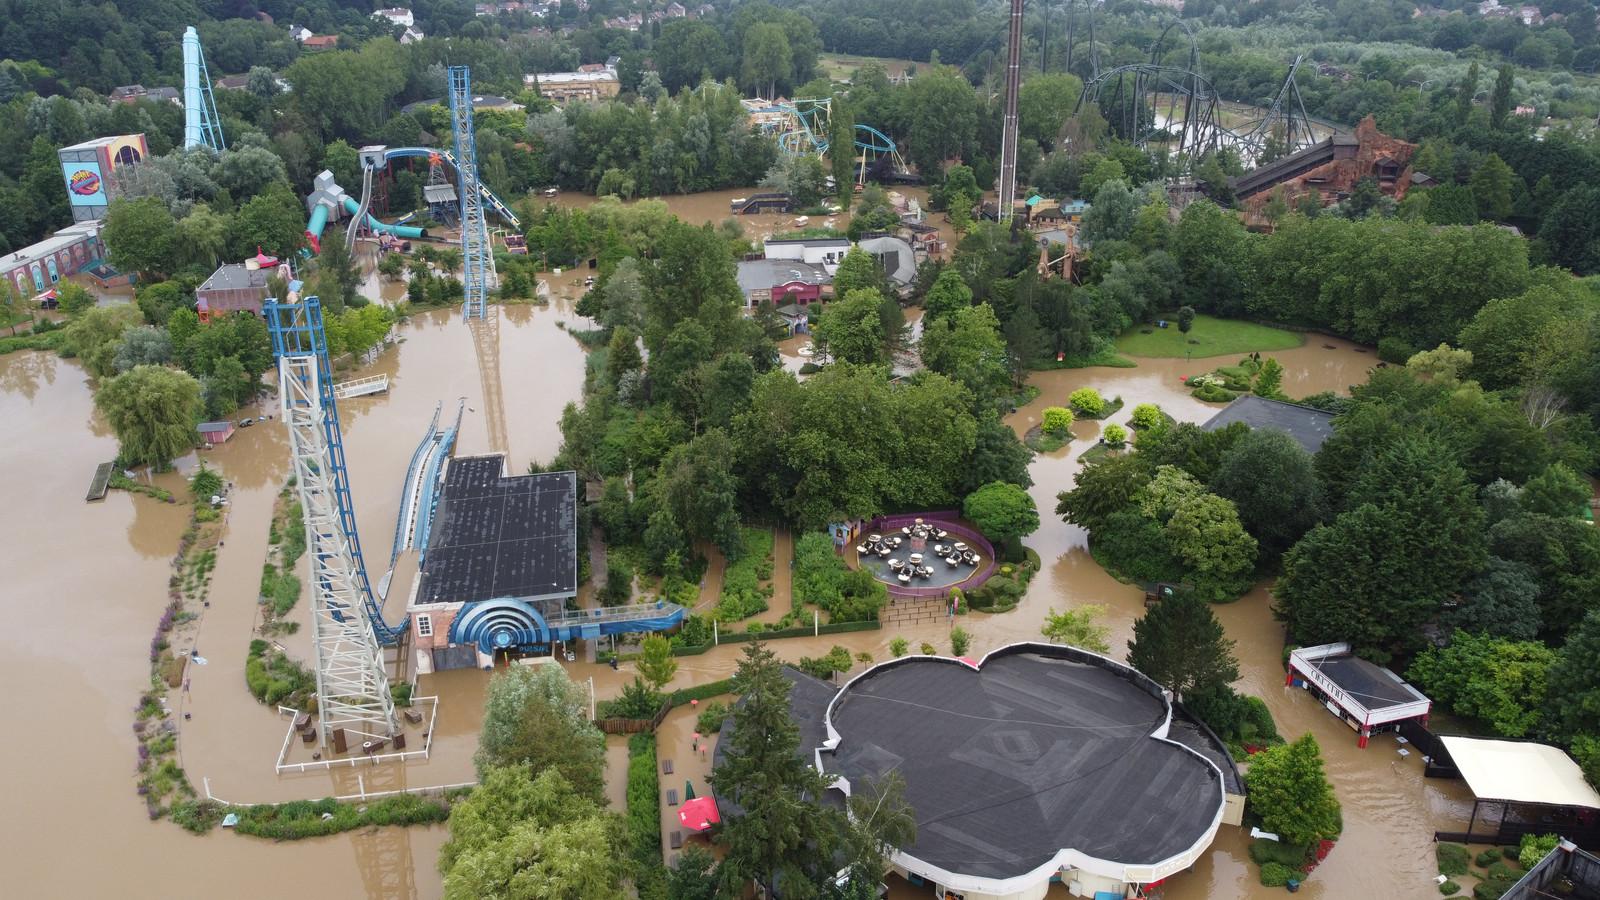 Attractiepark Walibi en waterpretpark Aqualibi werden zwaar getroffen door de hevige regenval twee weken geleden. Het park liep grote schade op en zal pas in oktober de deuren opnieuw kunnen openen.